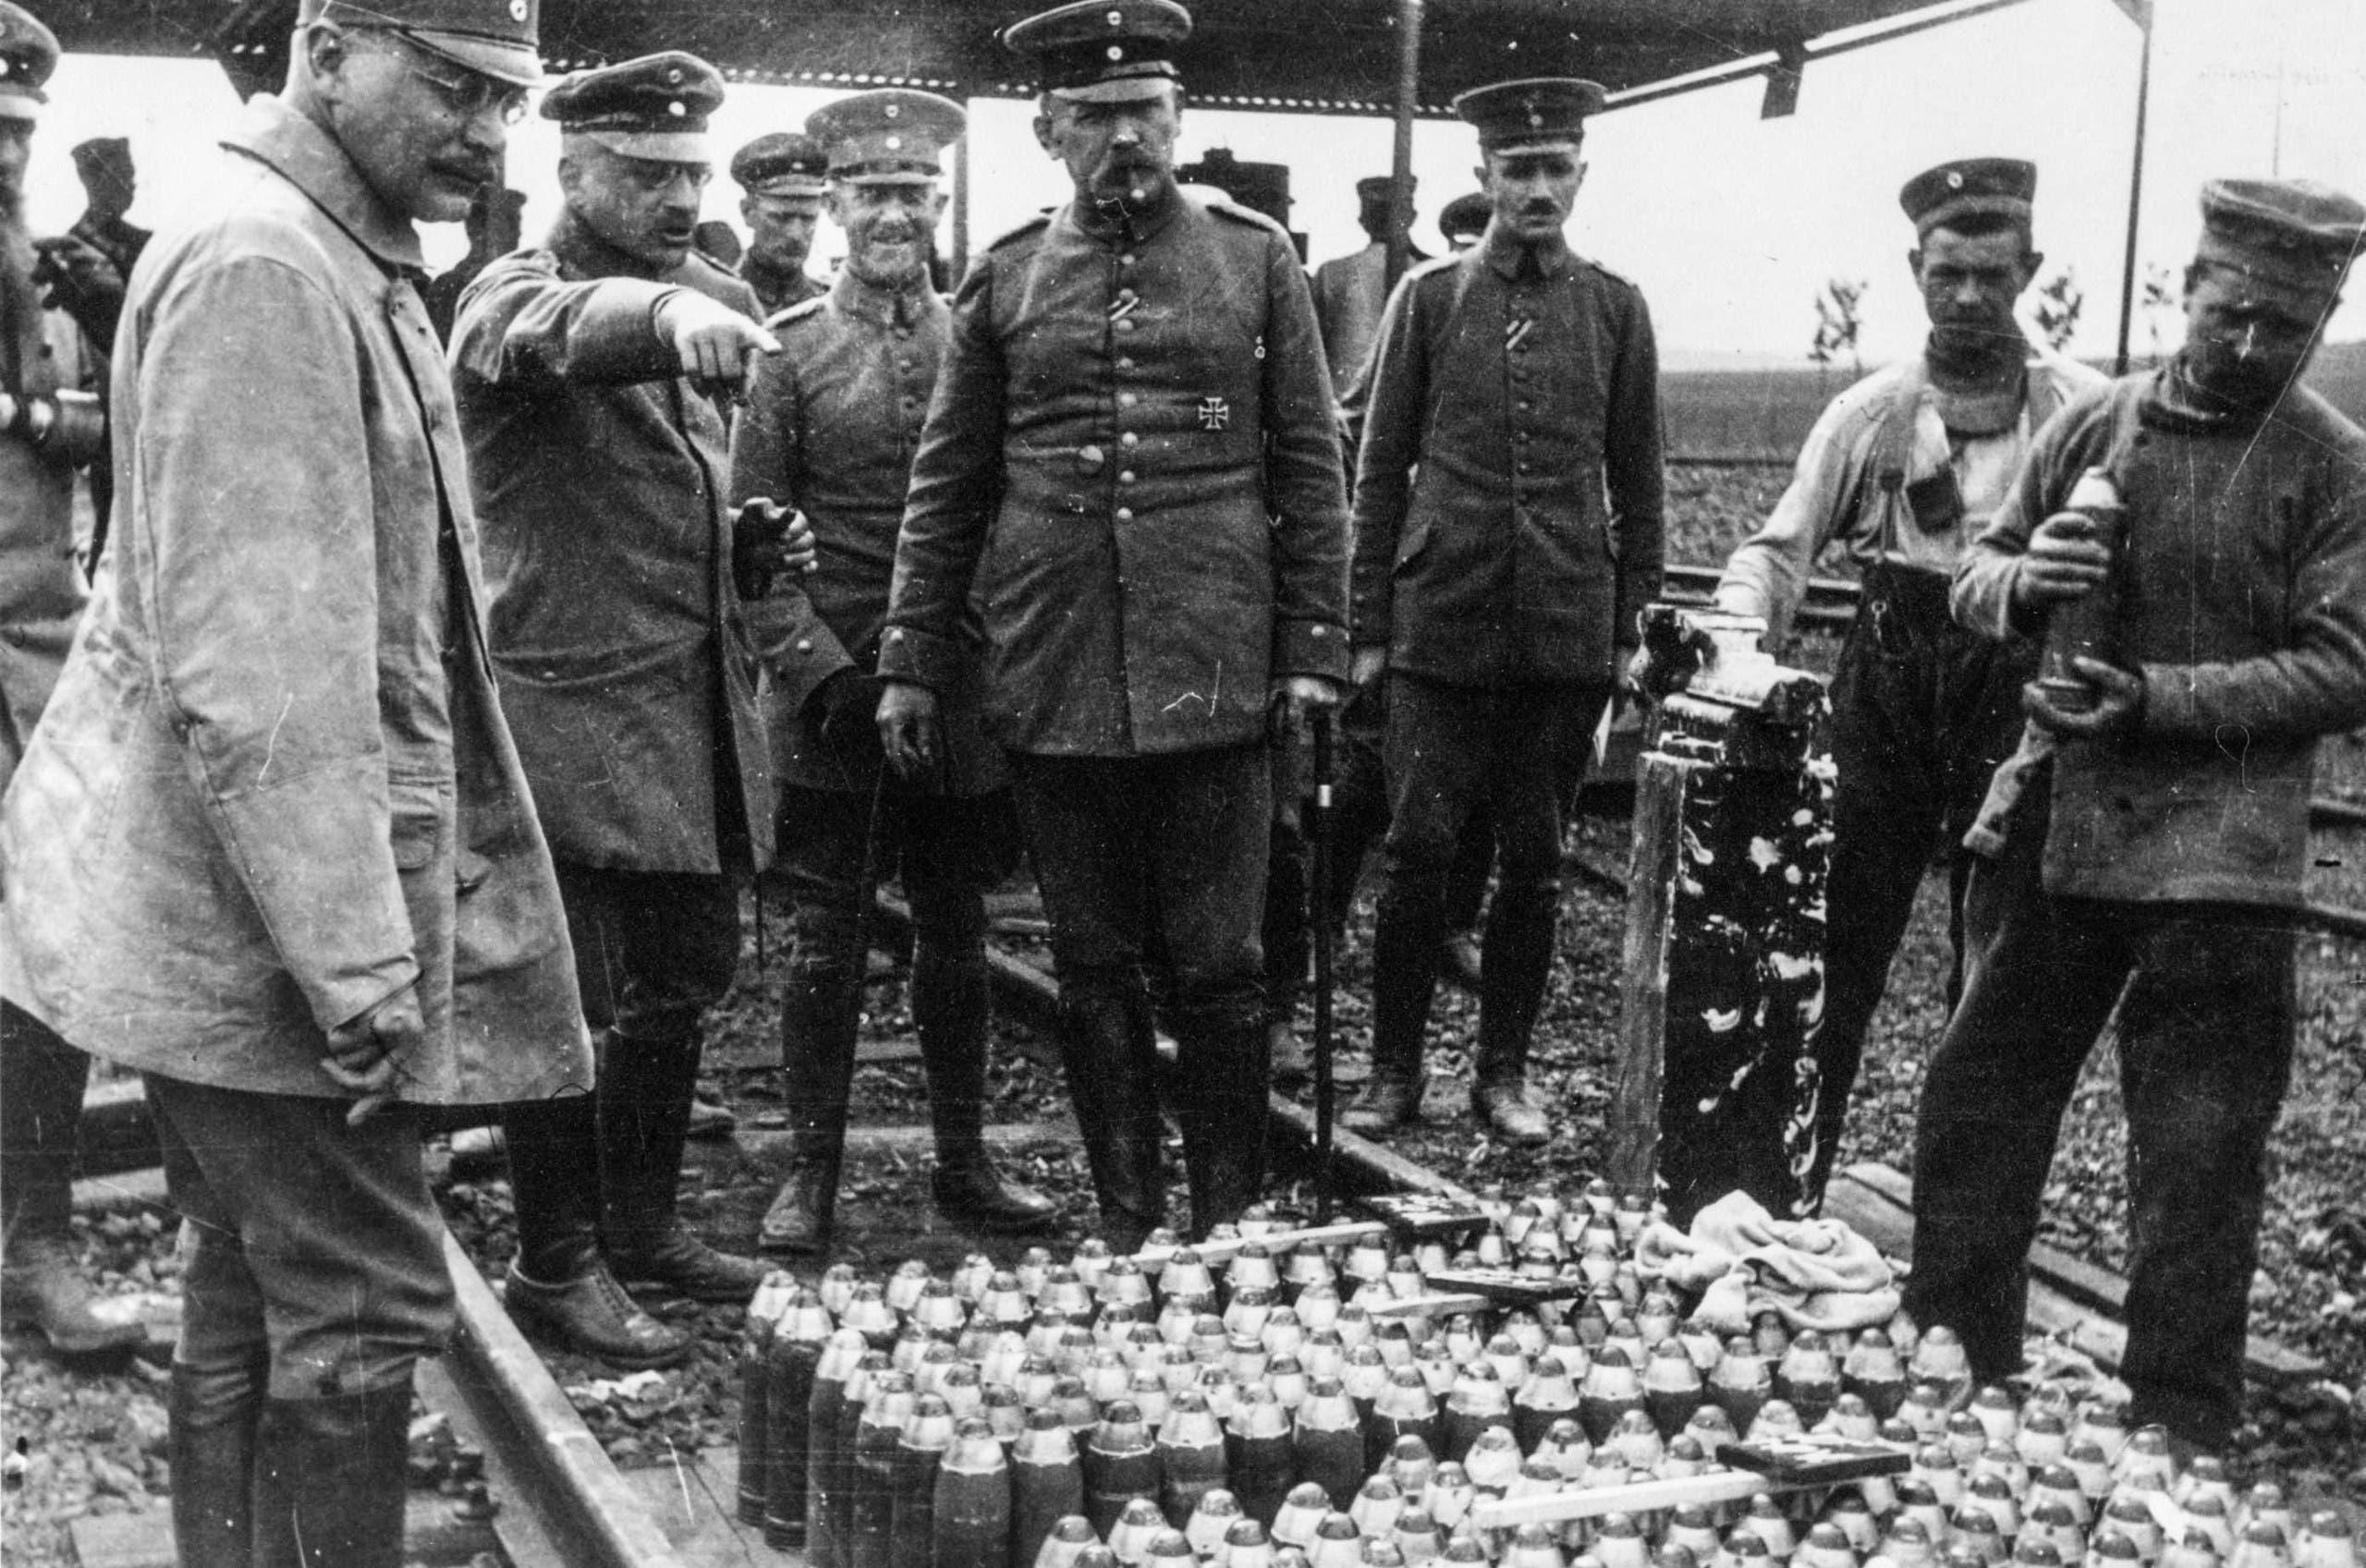 صورة لعملية تفقد عدد من الجنرالات الألمان لقذائف مجهزة بعناصر كيمياوية خلال الحرب الكبرى